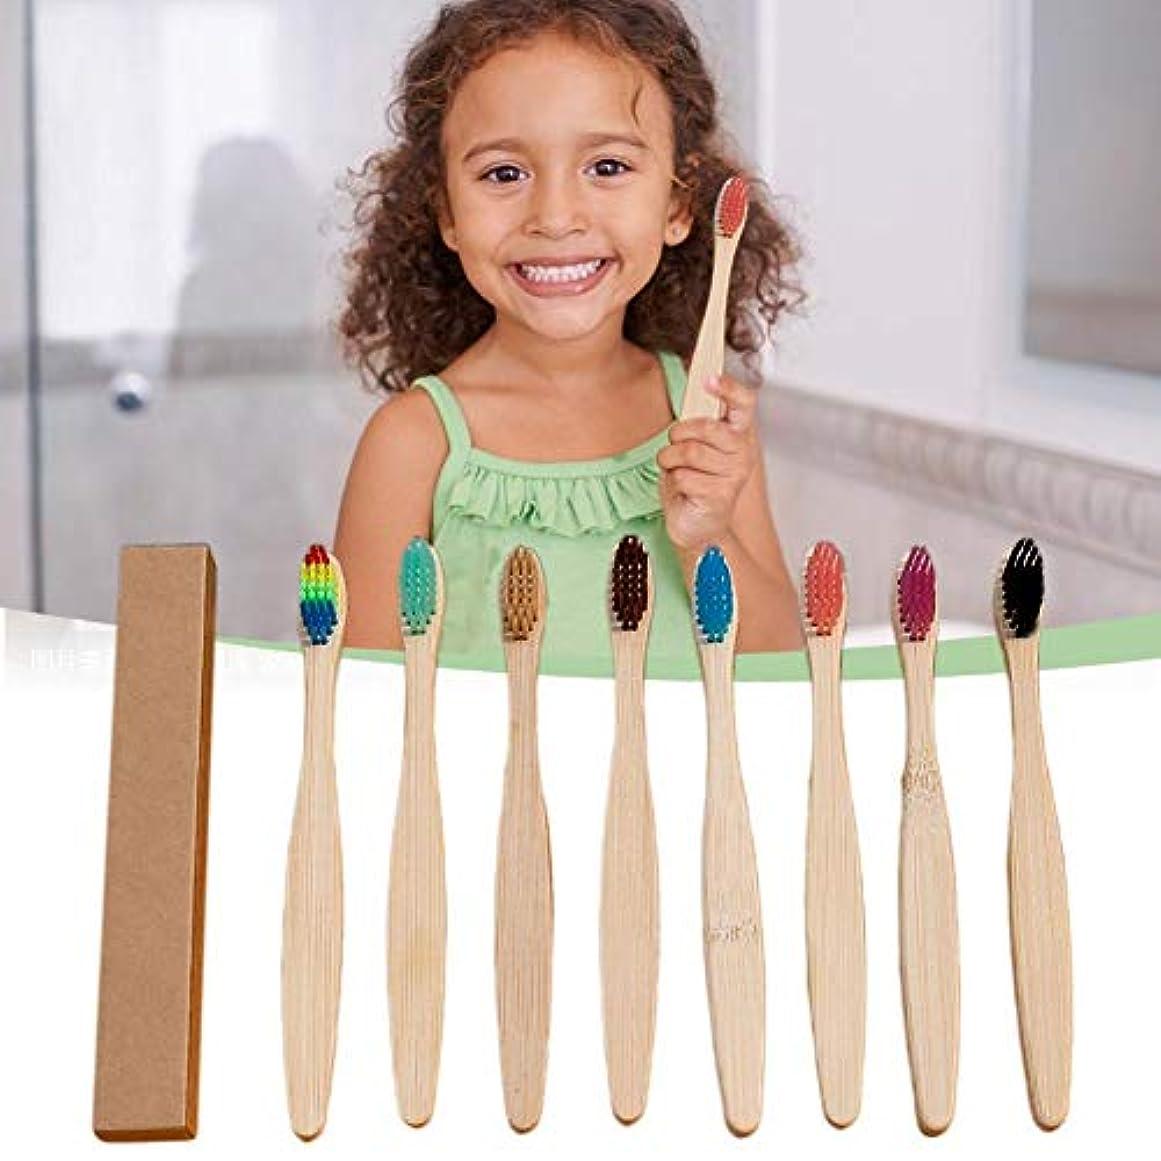 特別な腐敗抽象化10色竹歯ブラシ子供用竹歯ブラシソフトブリストル子供用歯ブラシセット口腔ケア用